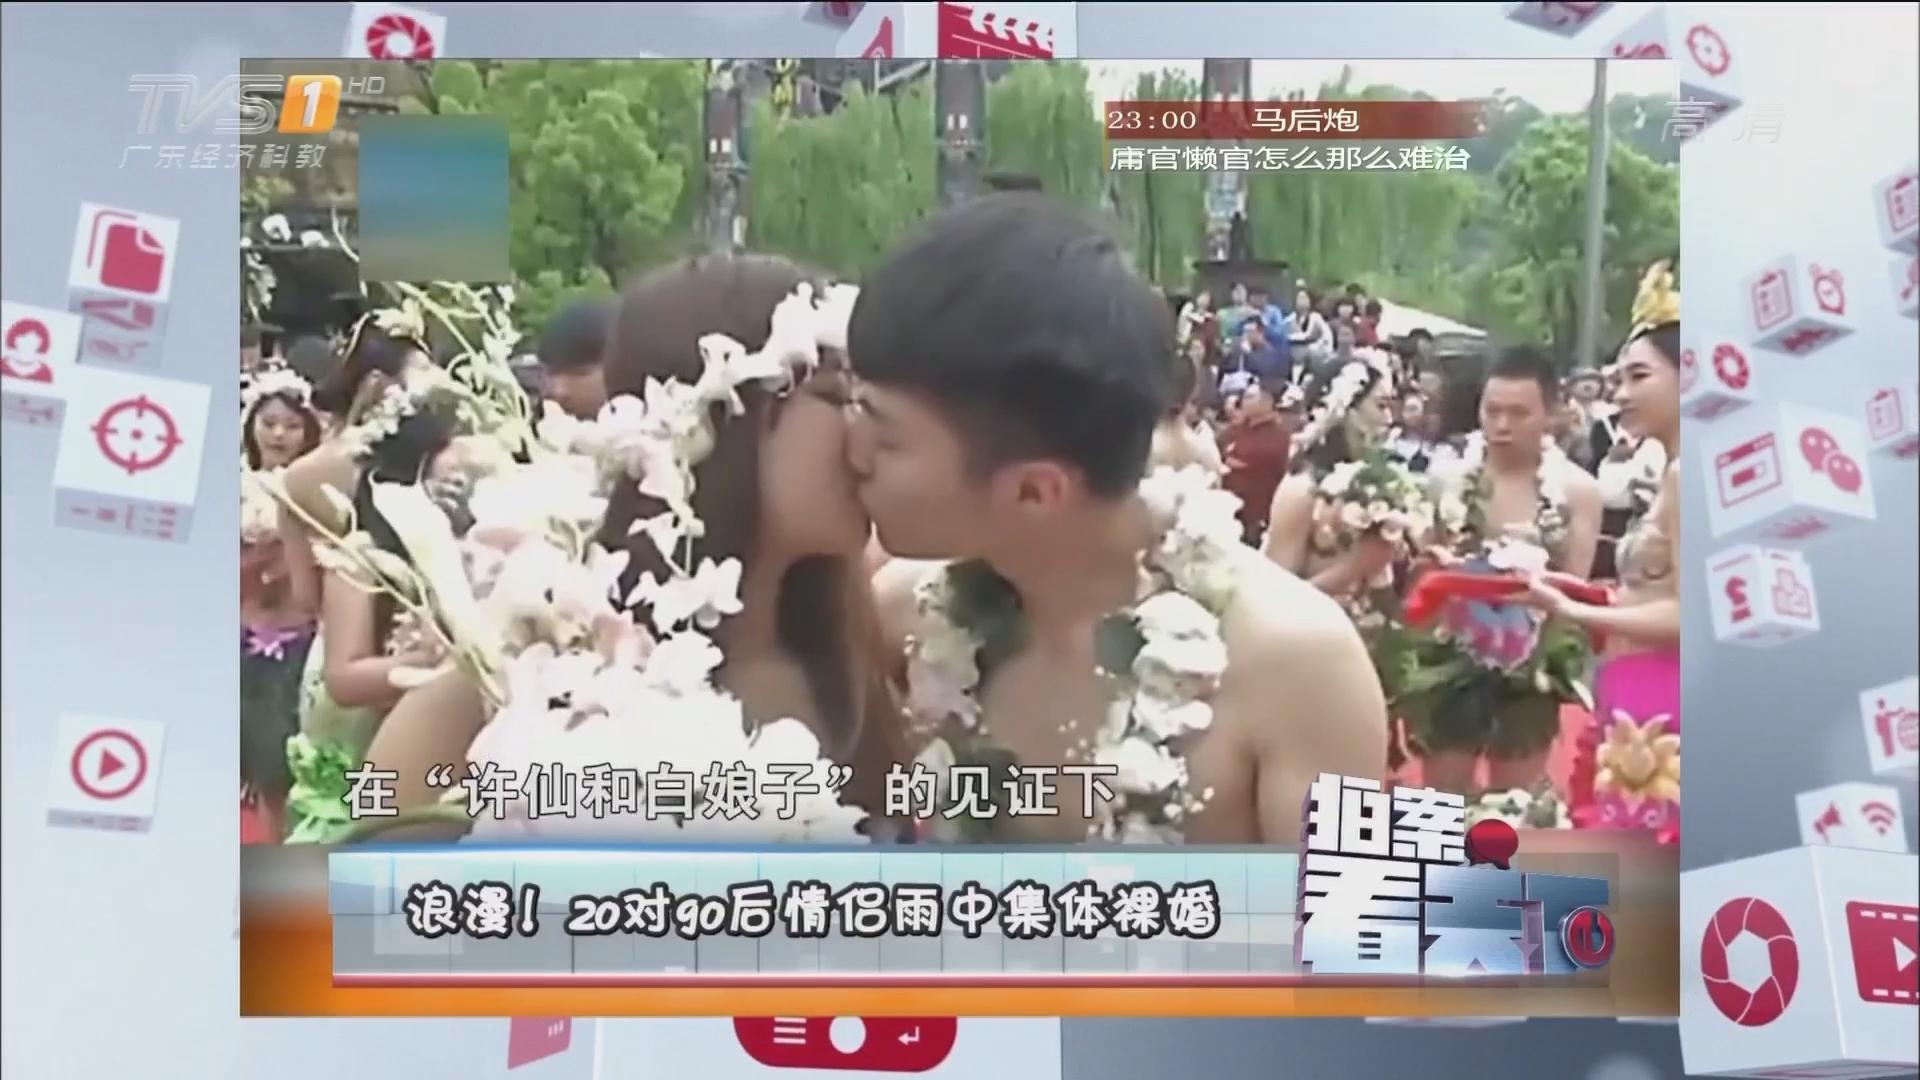 浪漫!20对90后情侣雨中集体裸婚